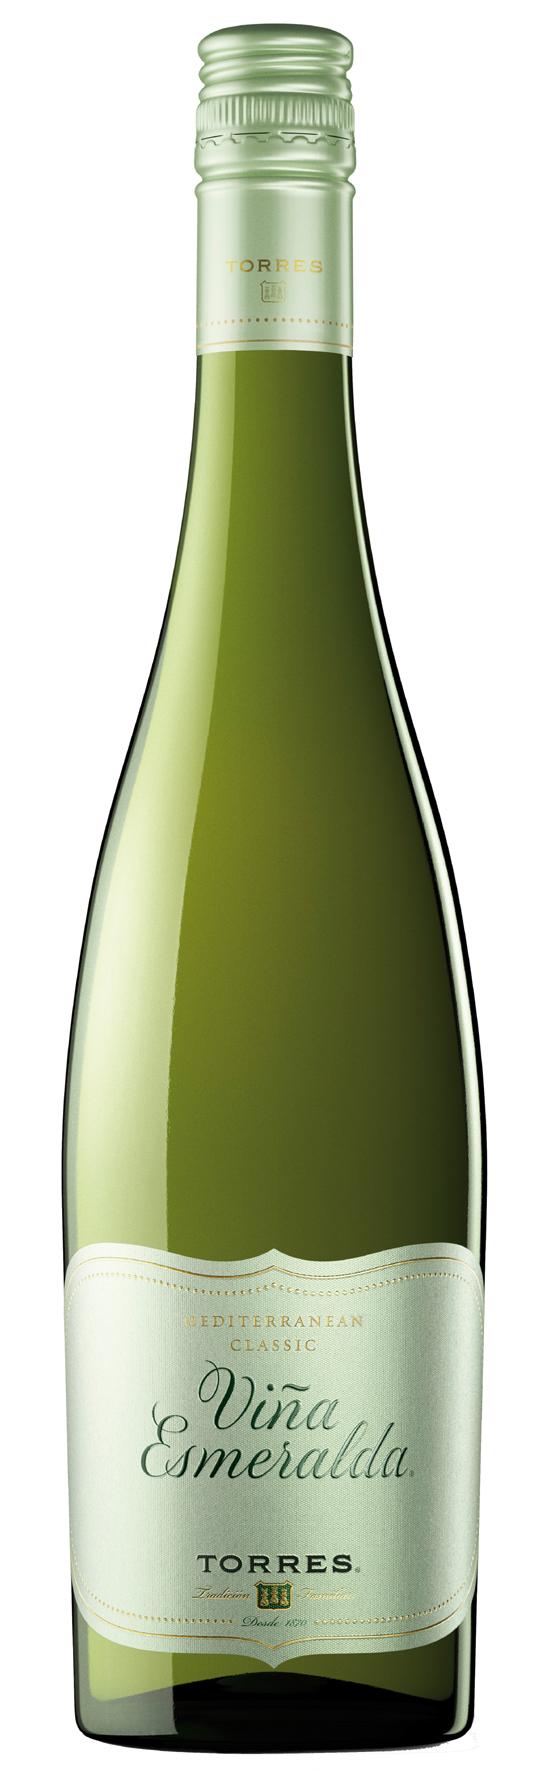 Vina Esmeralda 2016 Miguel Torres DO Catalunya